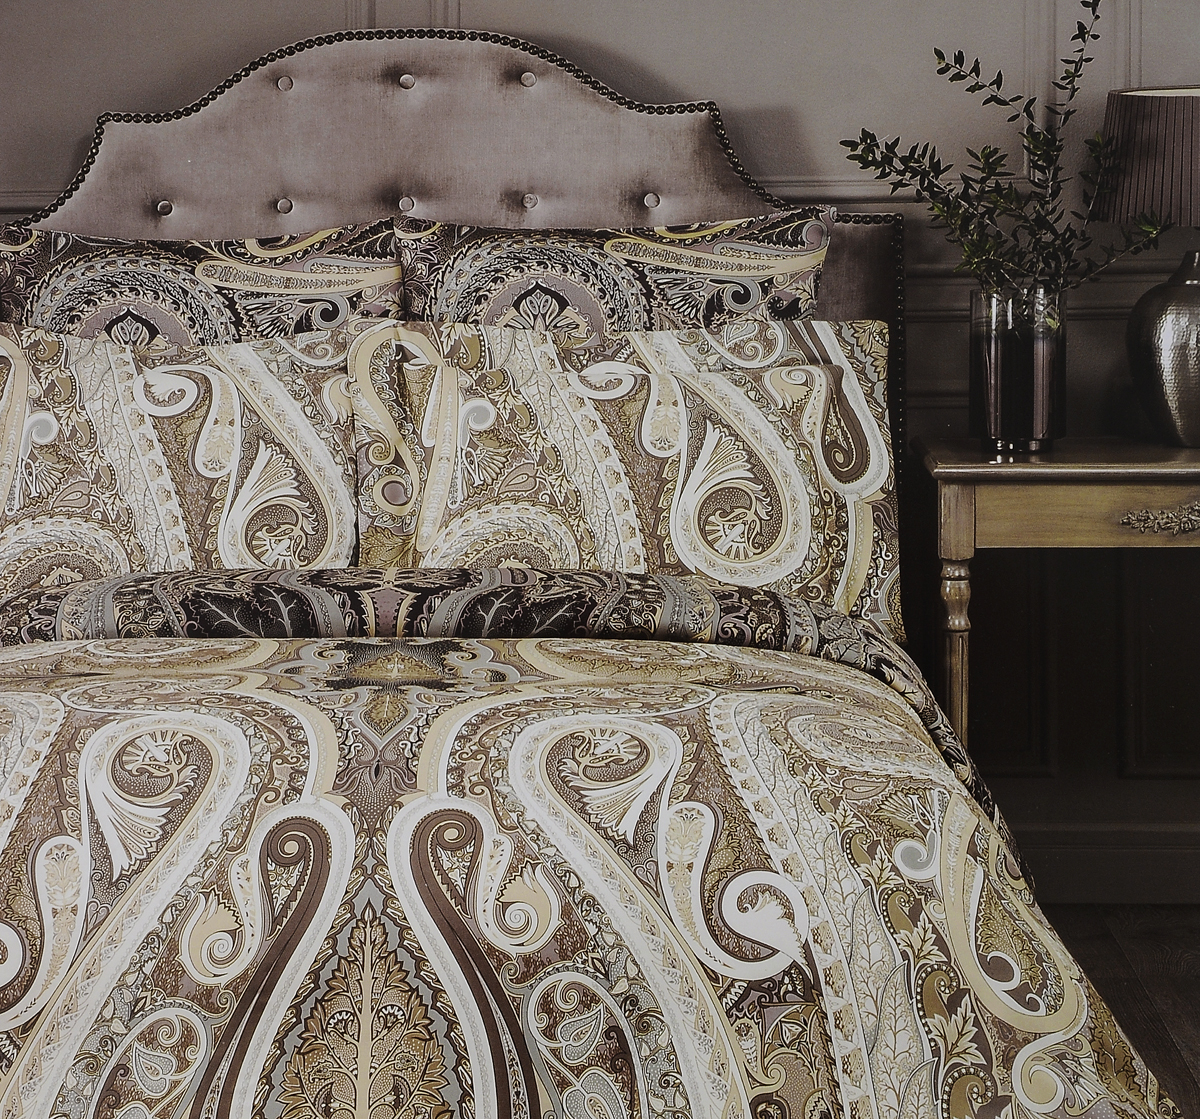 Комплект белья Togas Амрита, 1,5-спальный, наволочки 50x70K100Комплект постельного белья Togas Амрита, выполненный из 100% тенселя, состоит из пододеяльника, простыни и 2 наволочек. Изделия имеют классический крой и декорированы ярким принтом. Тенсель - материал натурального происхождения, который изготавливают из древесины австралийского эвкалипта и подвергают нанообработке. Комплект постельного белья Togas Амрита гармонично впишется в интерьер вашей спальни и создаст атмосферу уюта и комфорта.